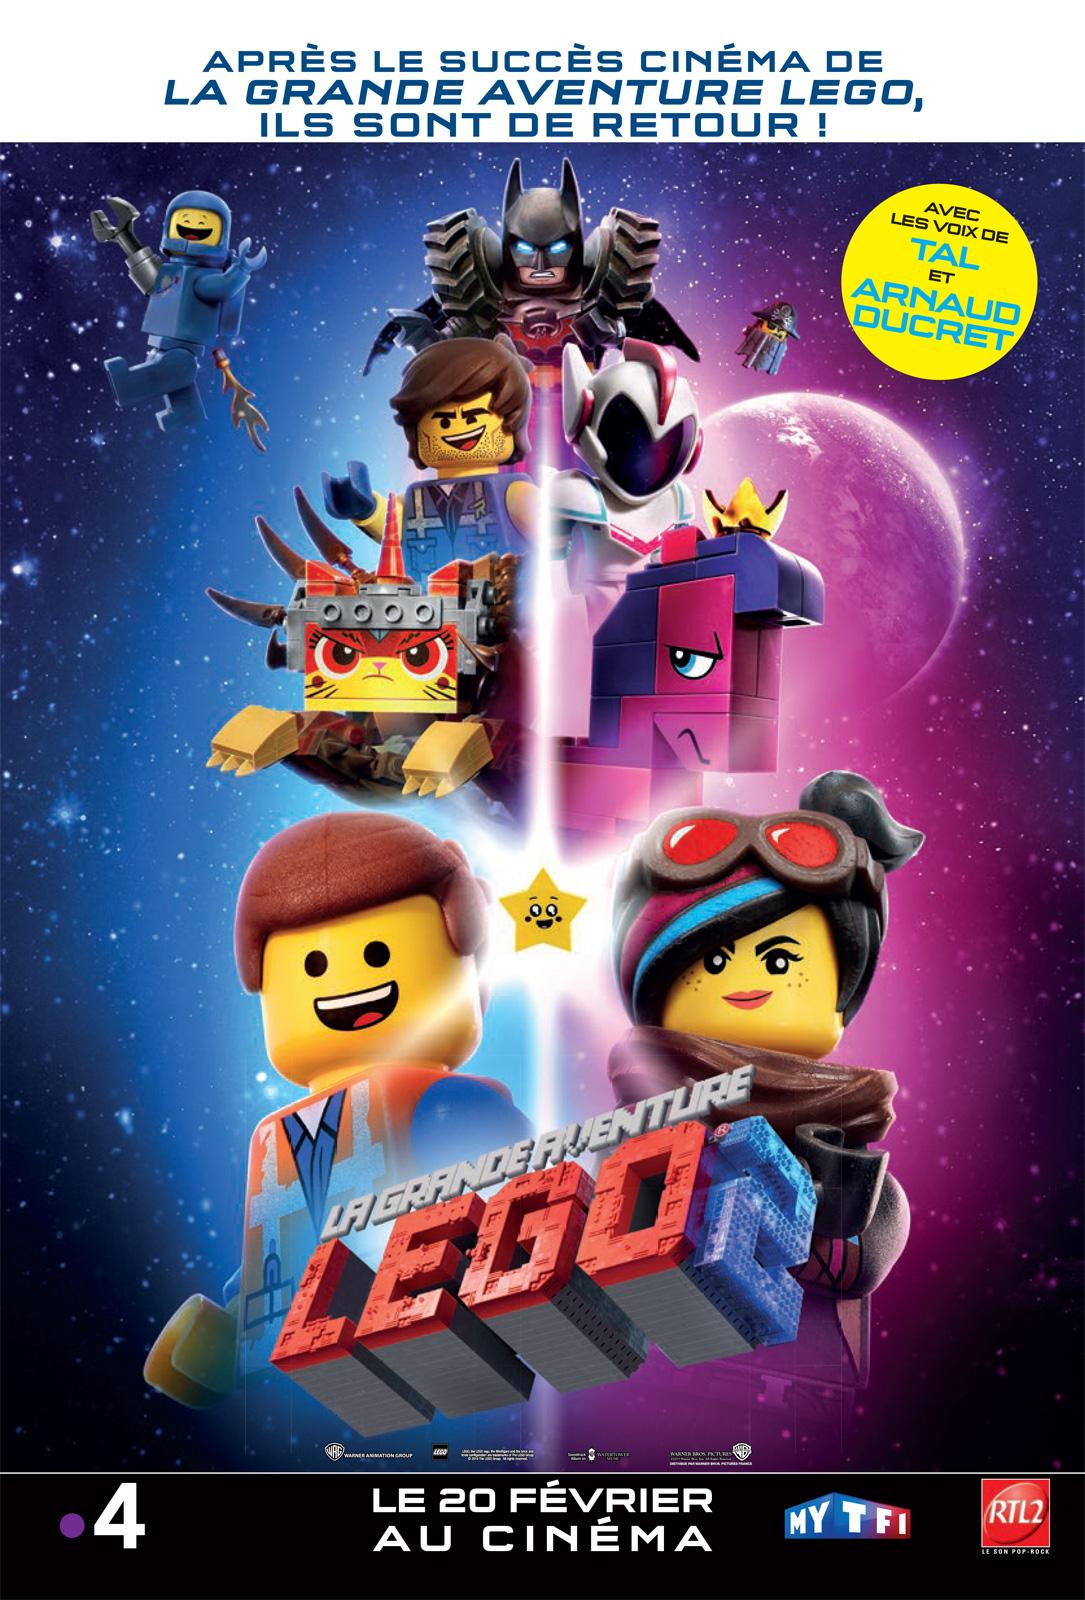 """Résultat de recherche d'images pour """"la grande aventure lego 2 affiche"""""""